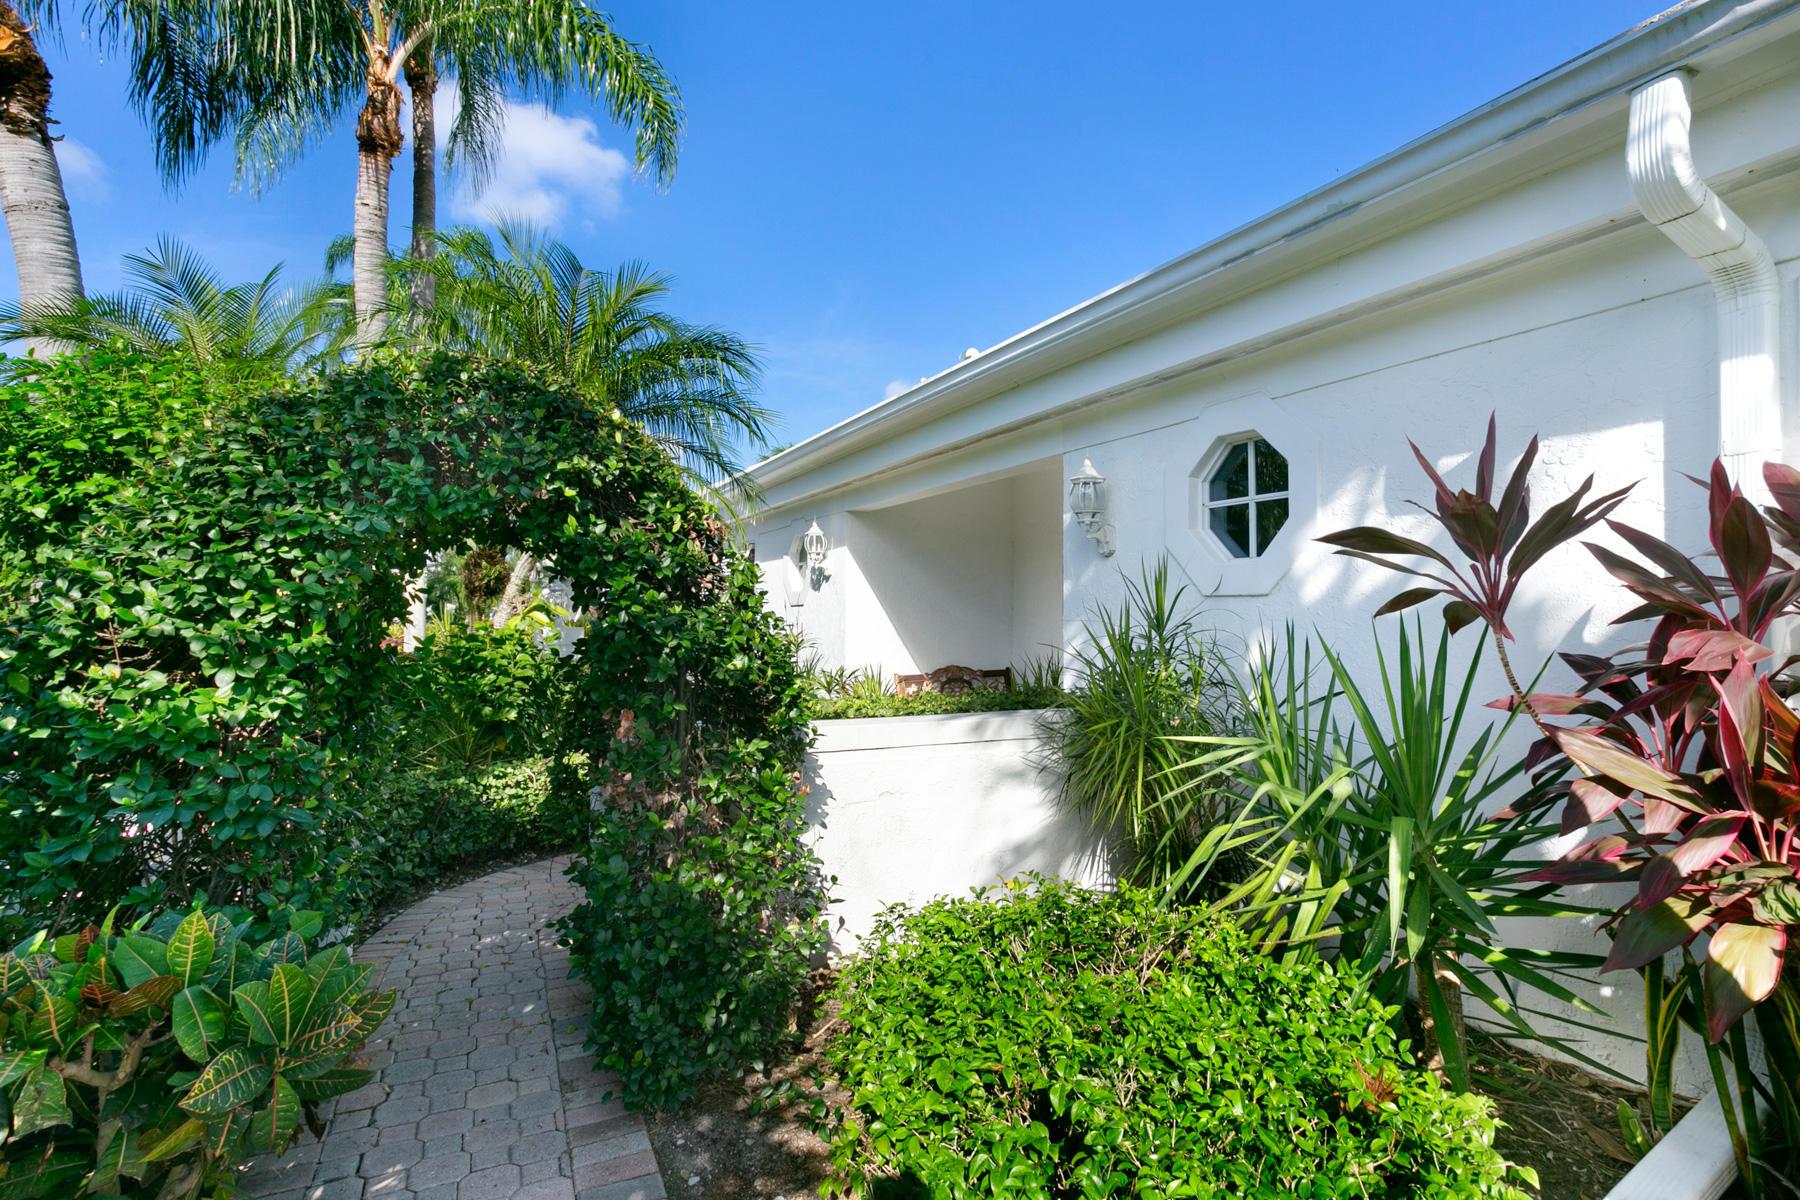 3702 Captains Way, Jupiter, Florida 33477, 2 Bedrooms Bedrooms, ,2 BathroomsBathrooms,A,Villa,Captains,RX-10596677